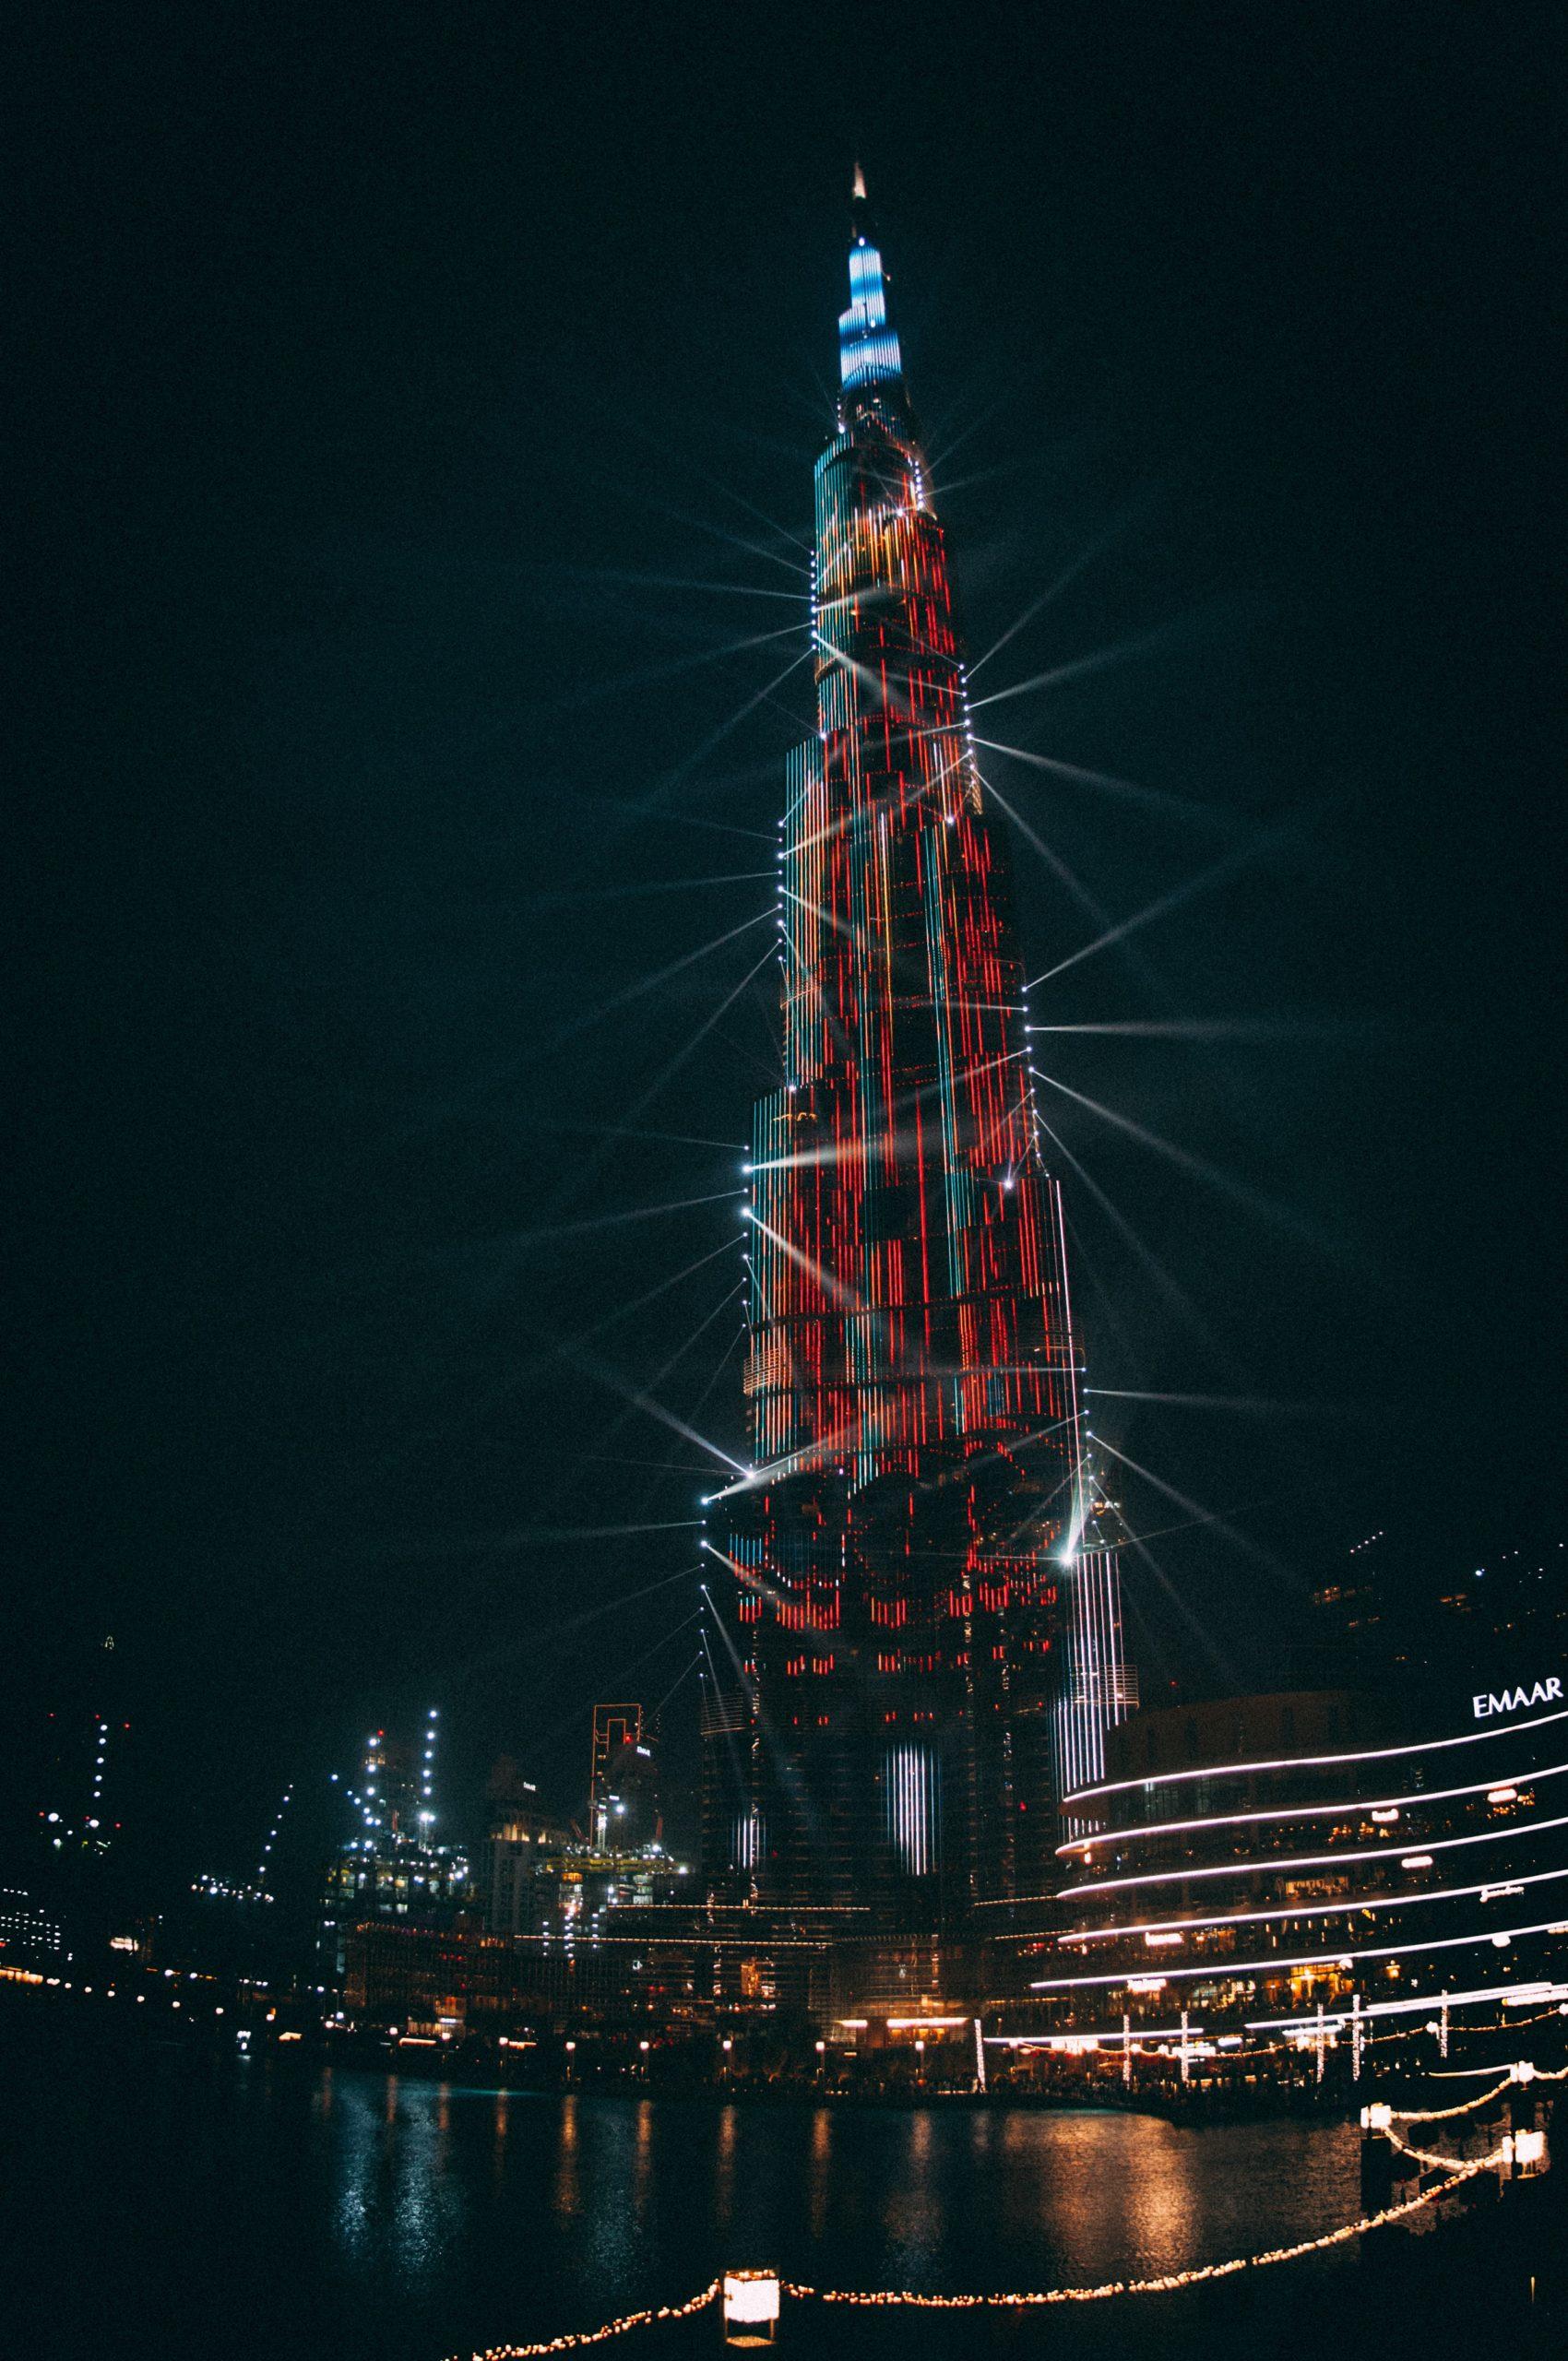 برج خليفة وبعض الحقائق المثيرة للاهتمام عنه